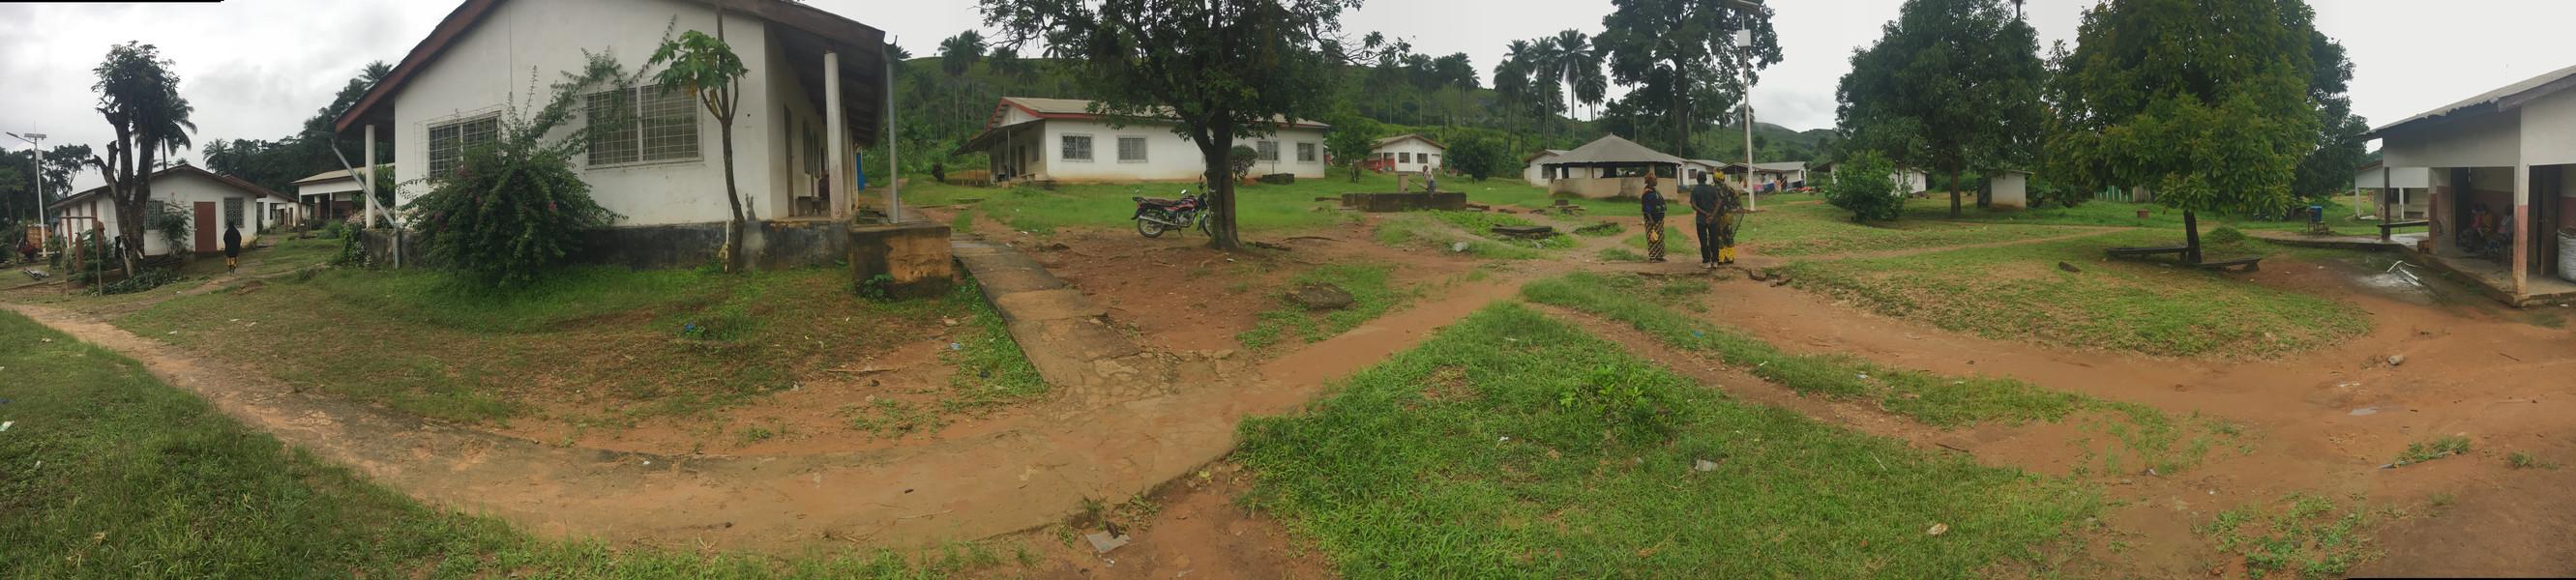 Le terrain au bâtiment pour le traitment du VIH / SIDA (V)